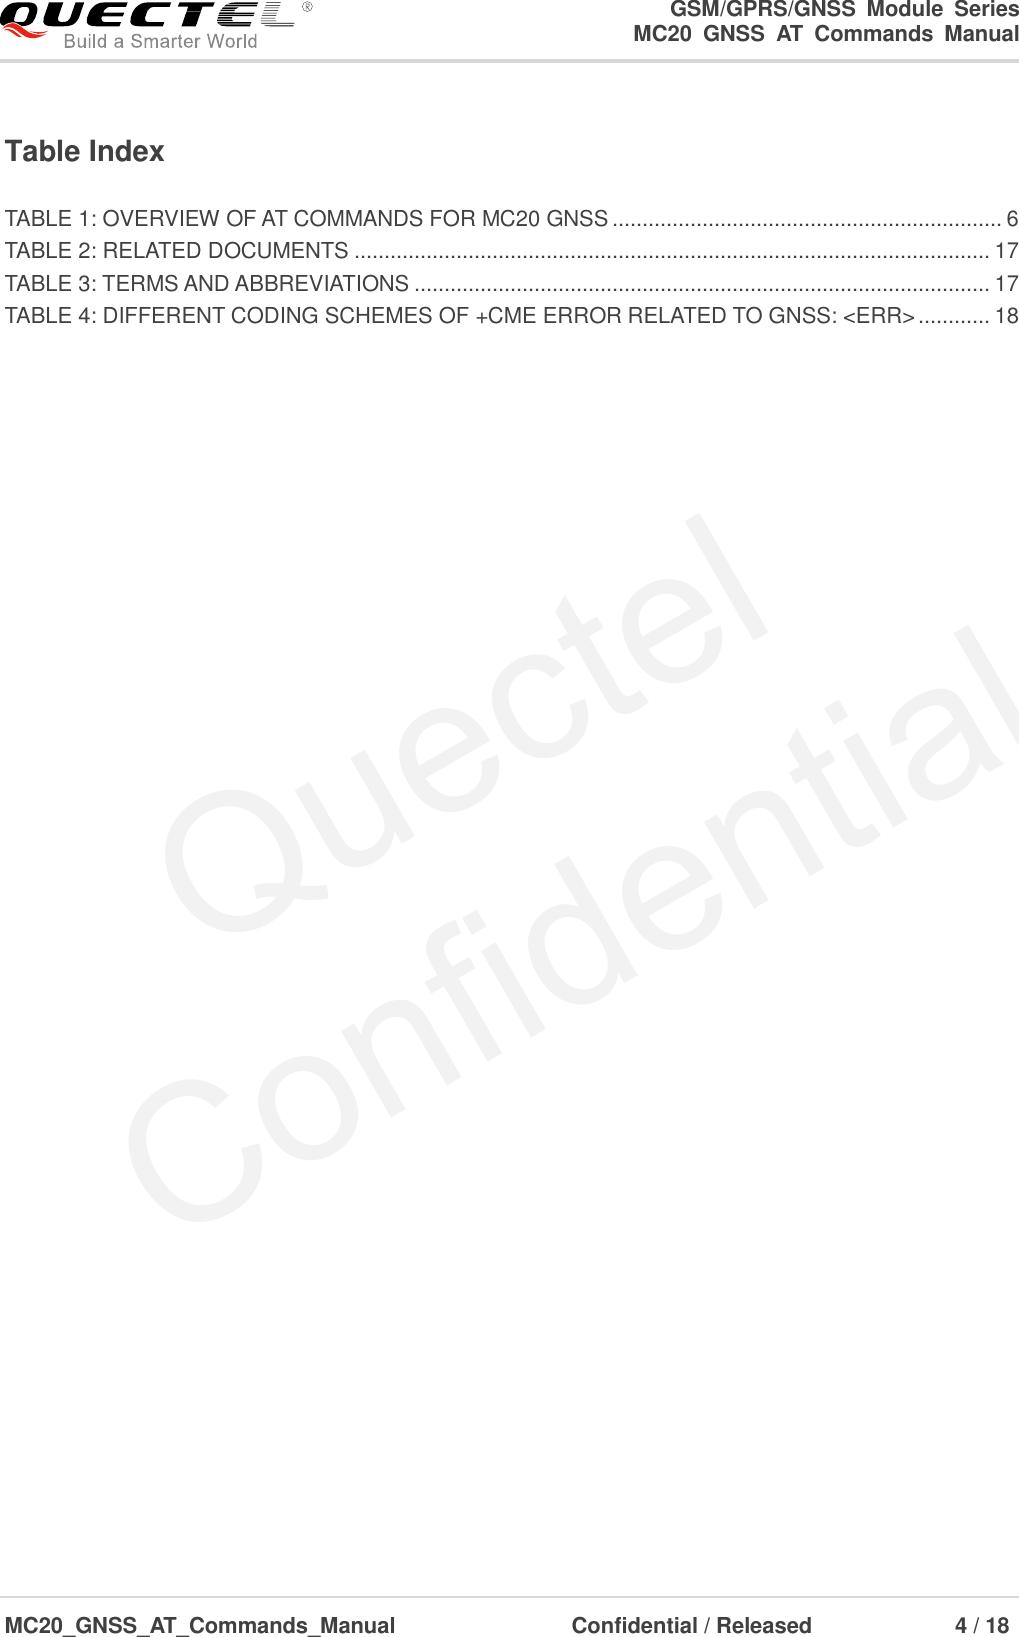 Quectel Mc20